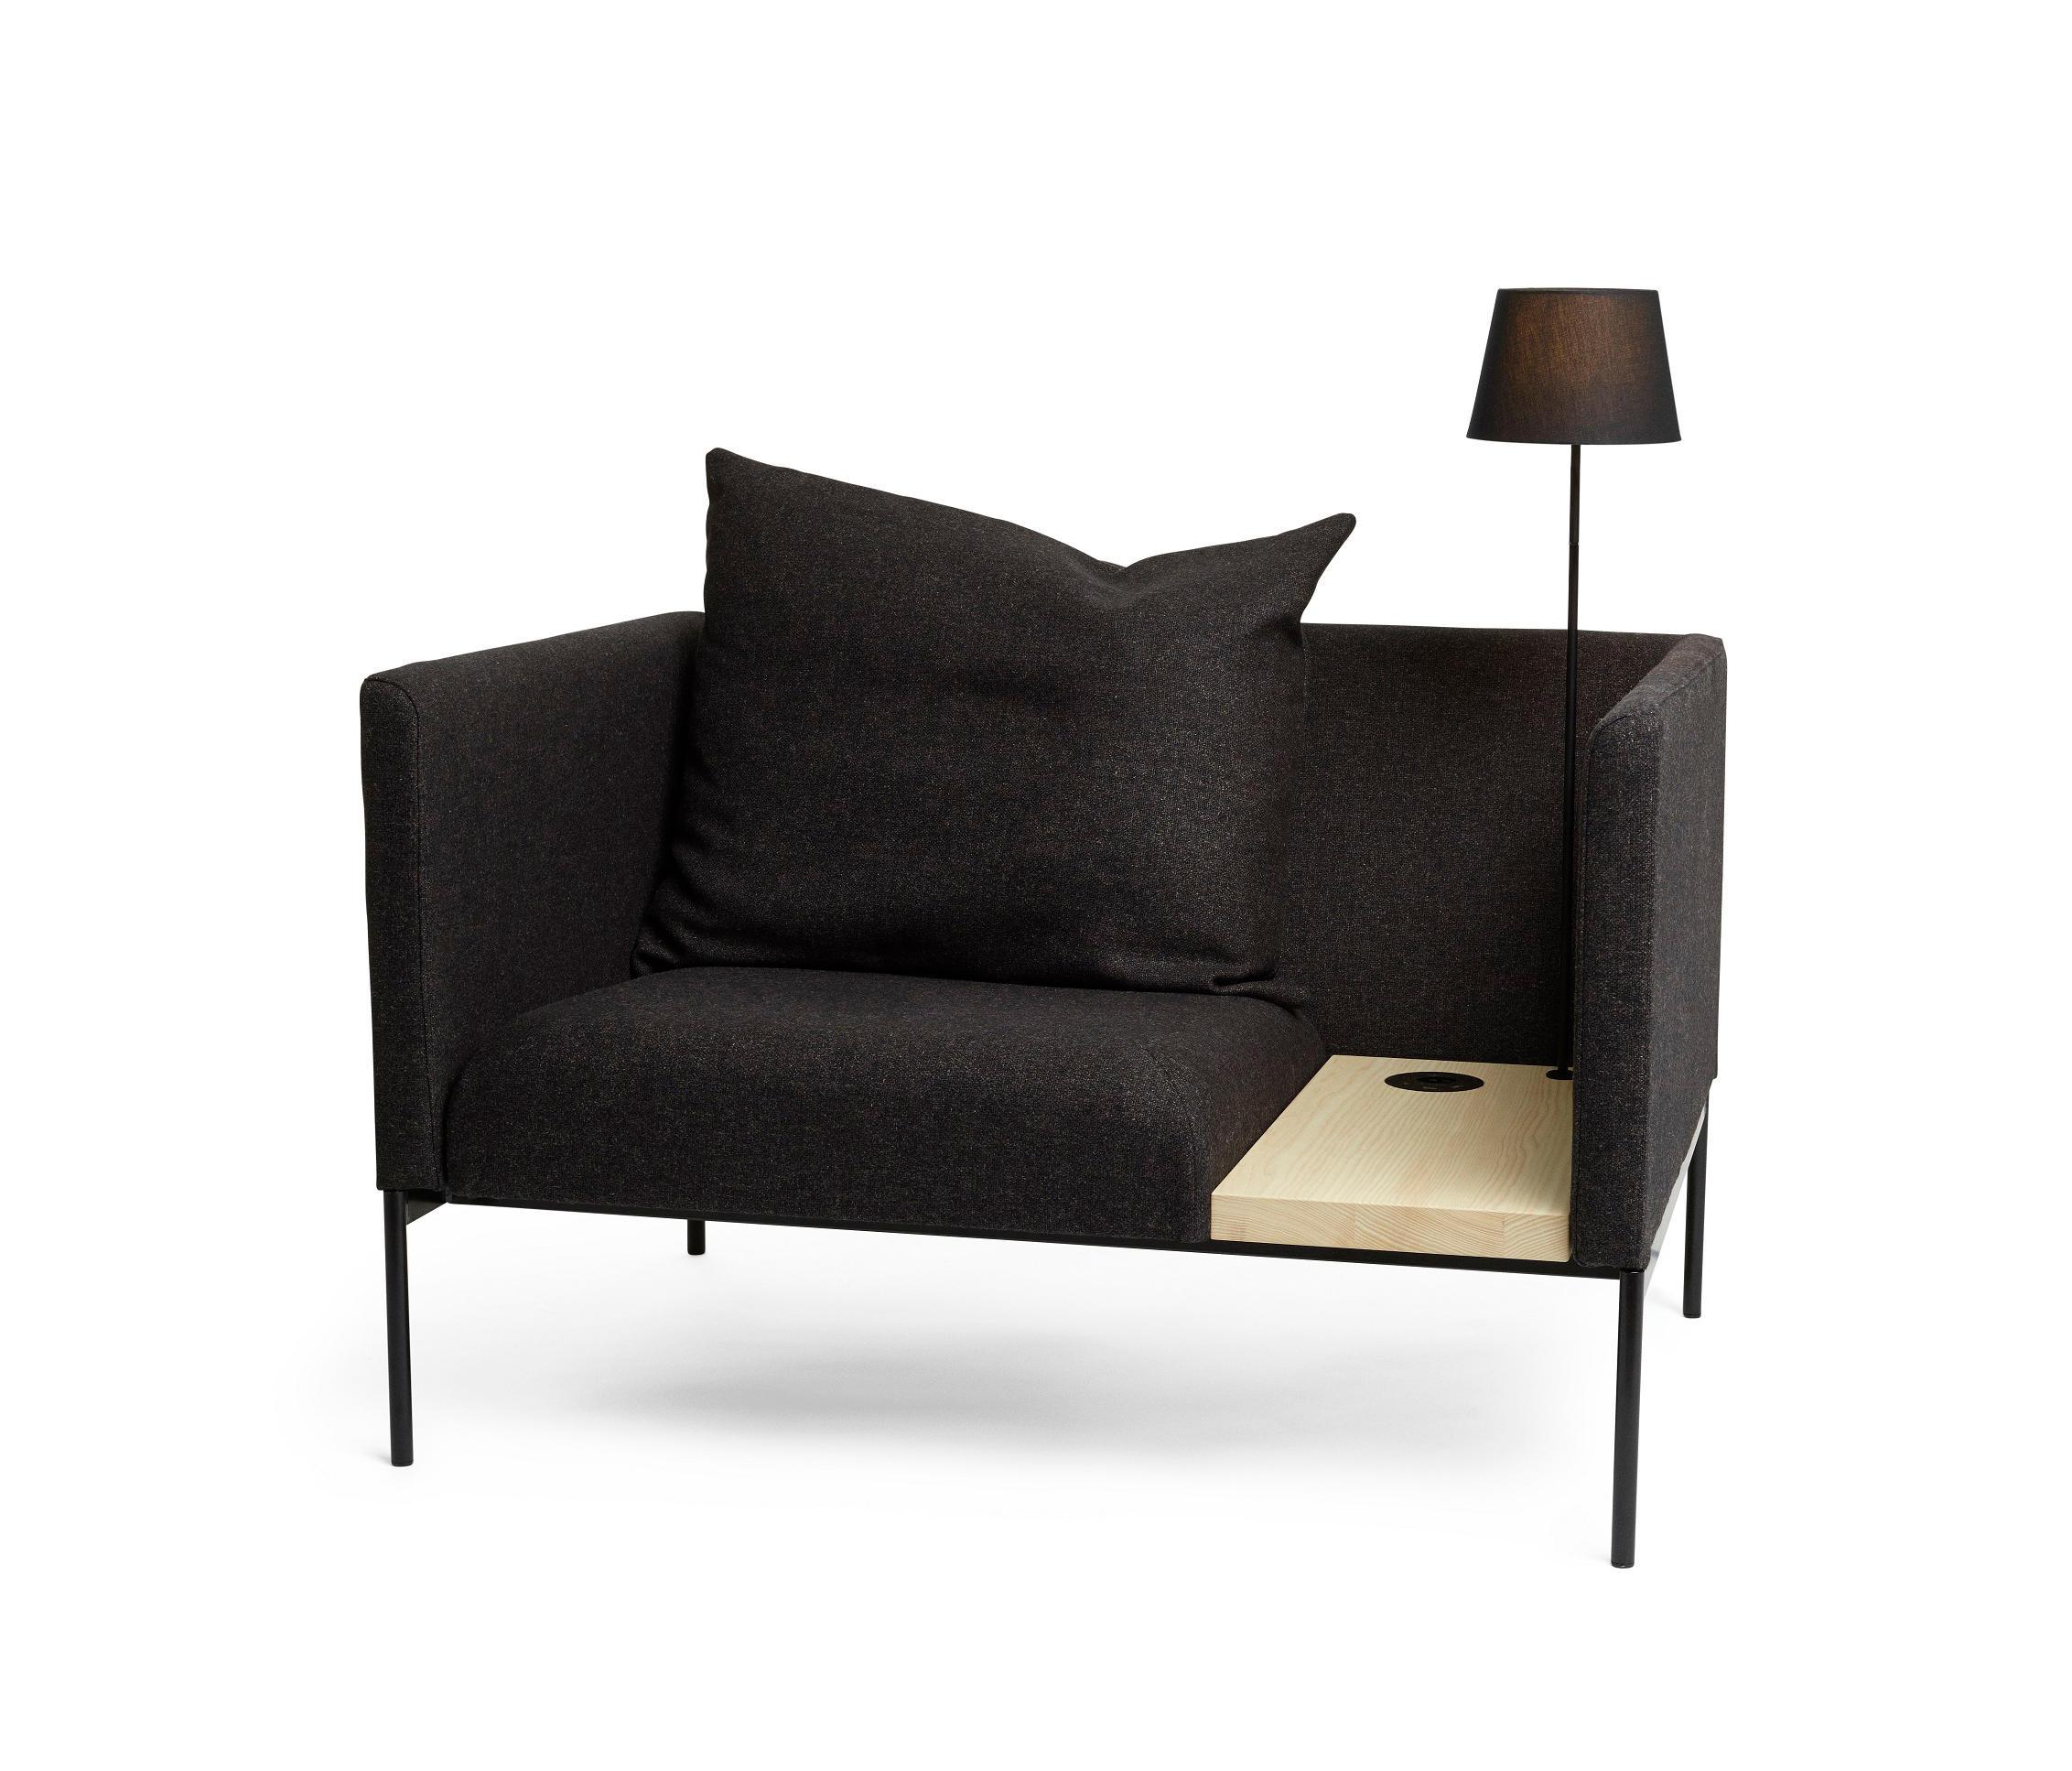 Online Sessel Von David Design Architonic